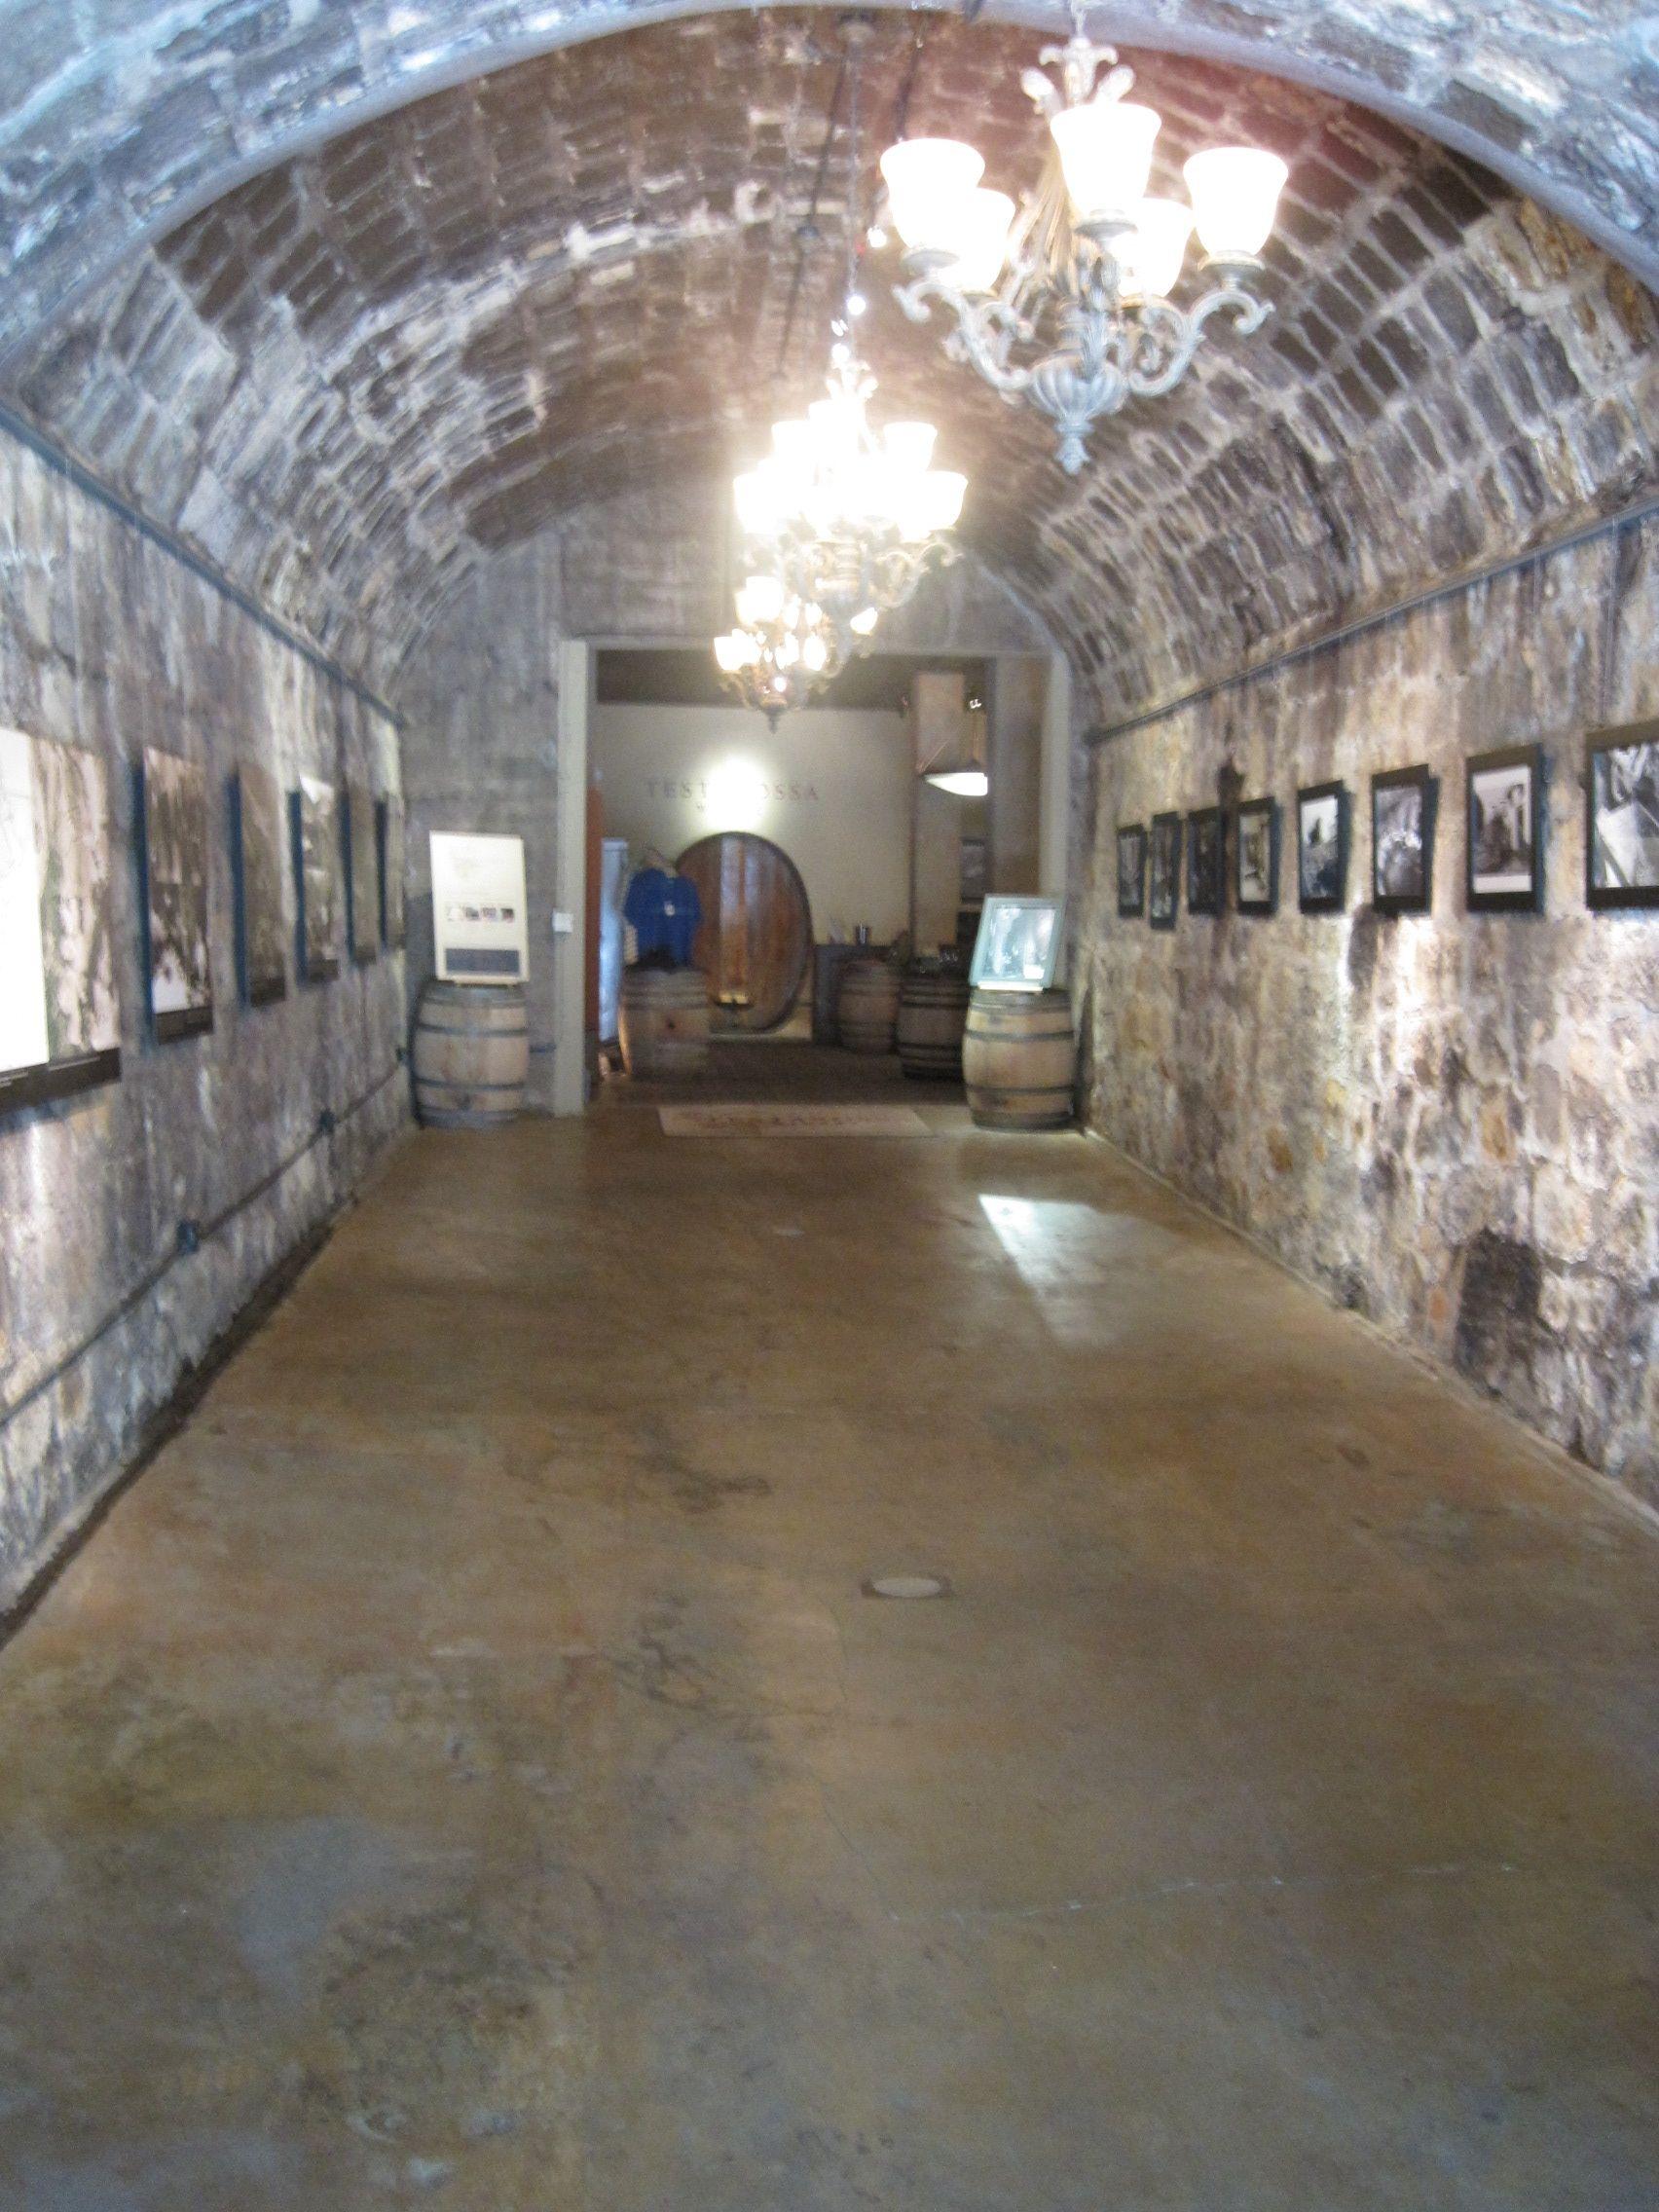 Entrance to Testarosa Winery